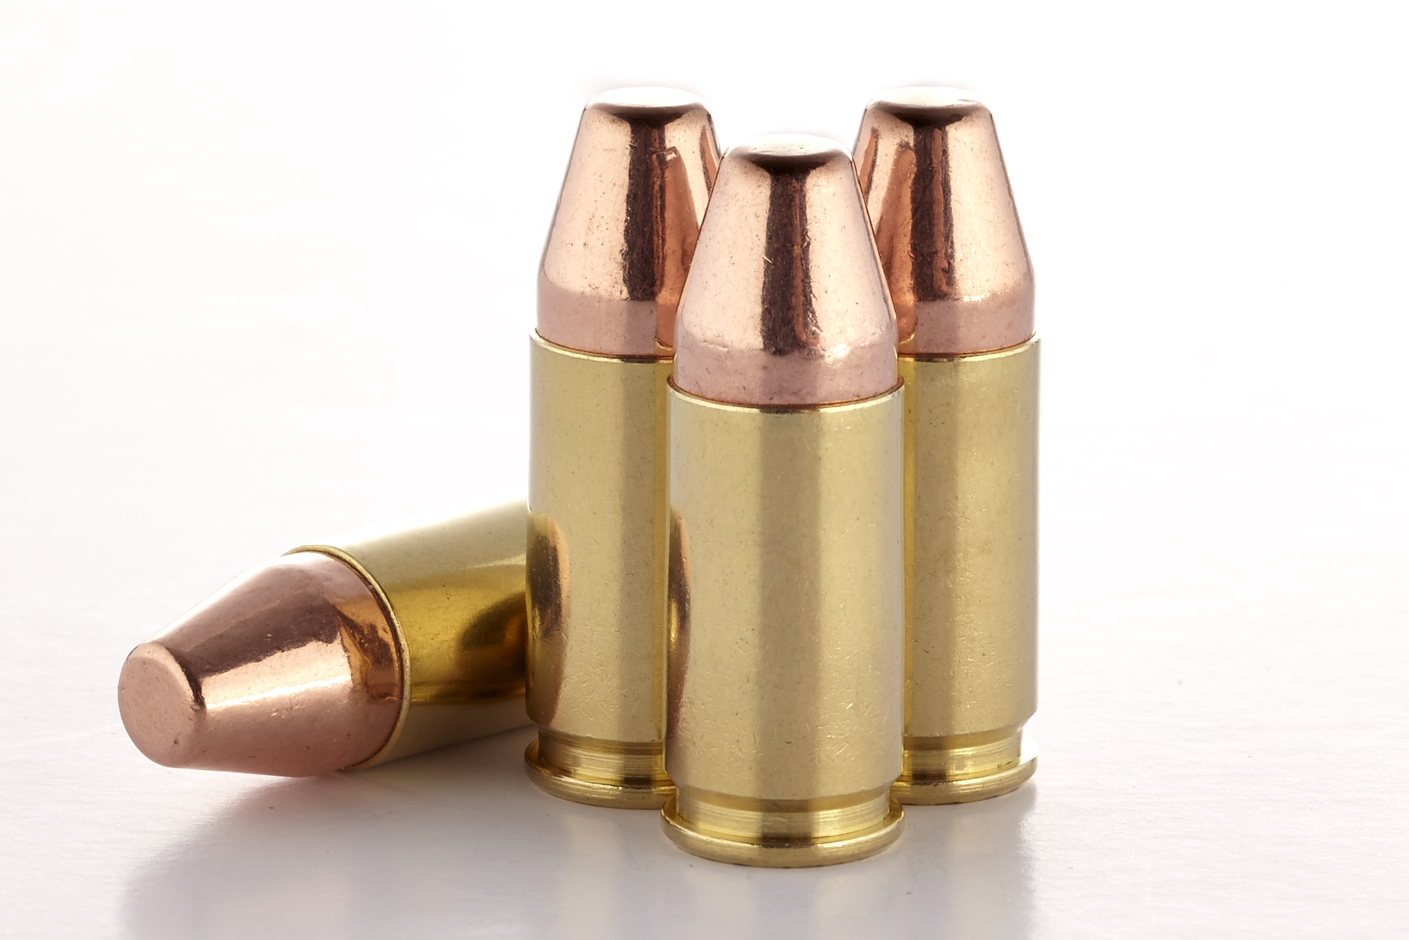 9mm | 135 gr  Berry HBFN | 955 FPS - 5